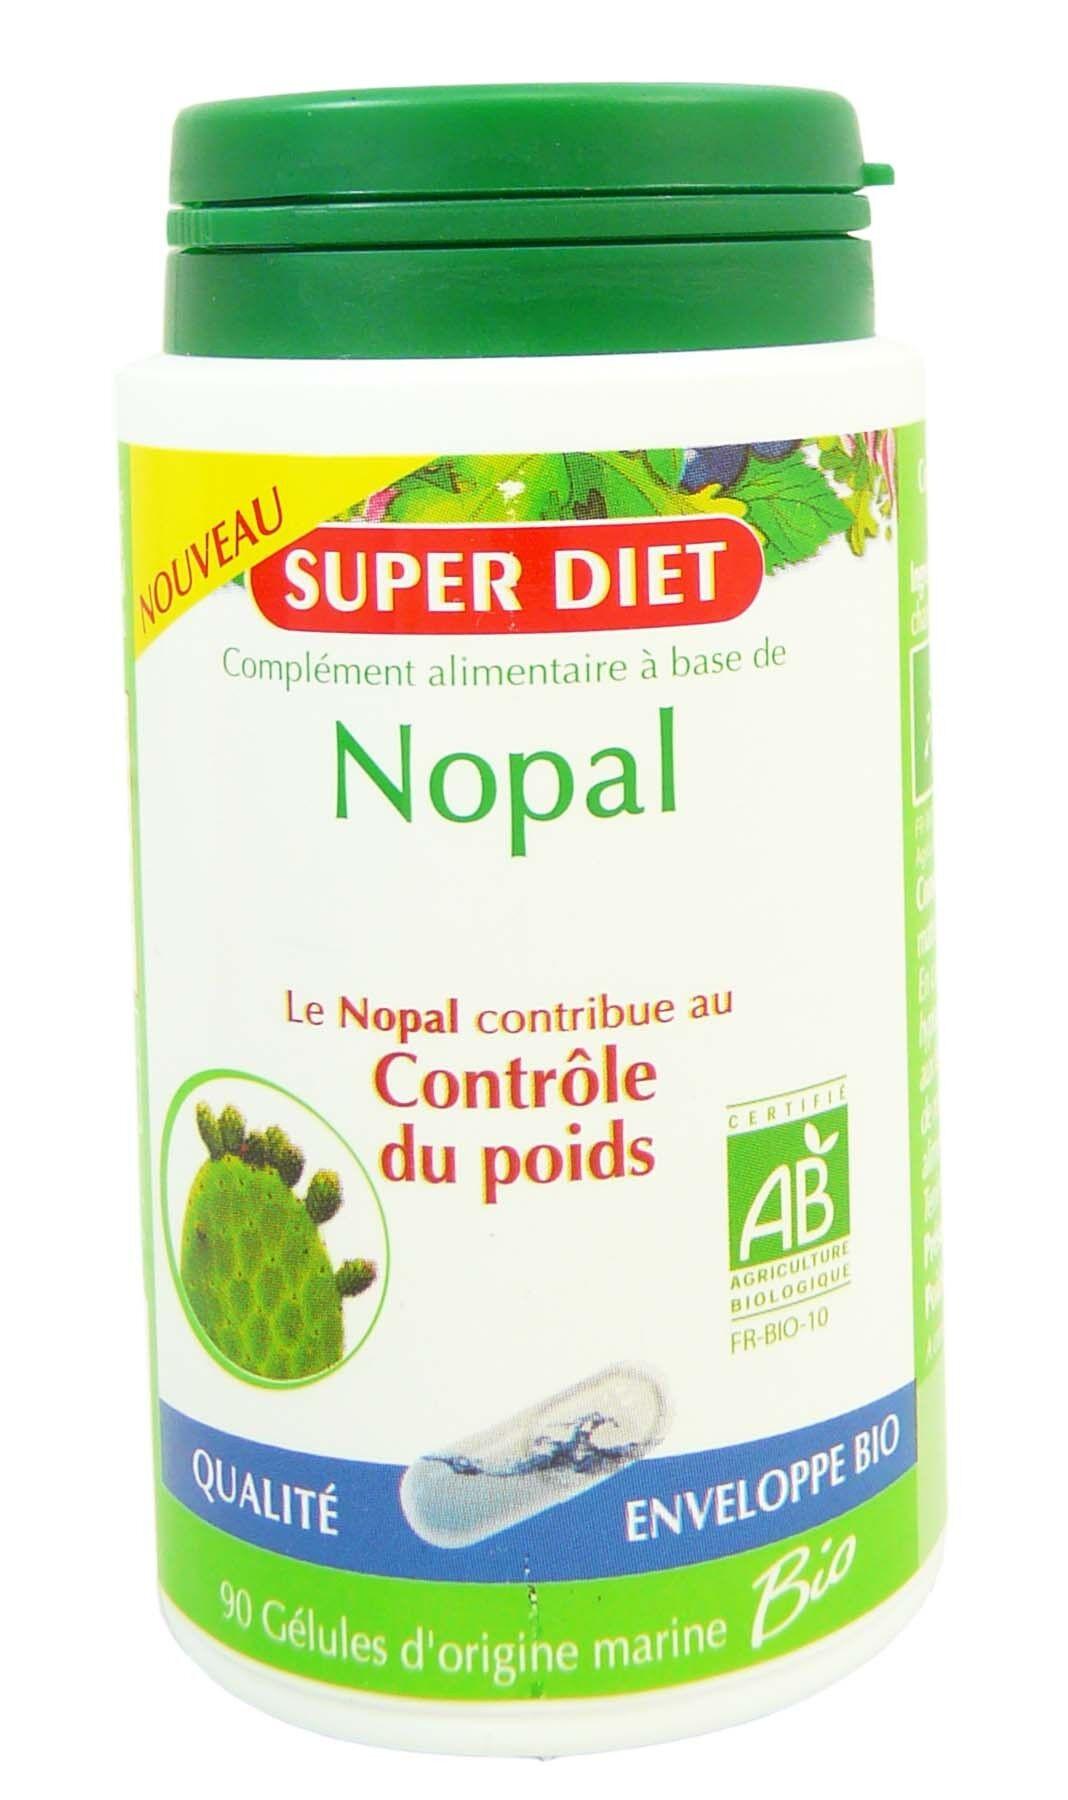 SUPER DIET Superdiet nopal controle du poids 90 gelules